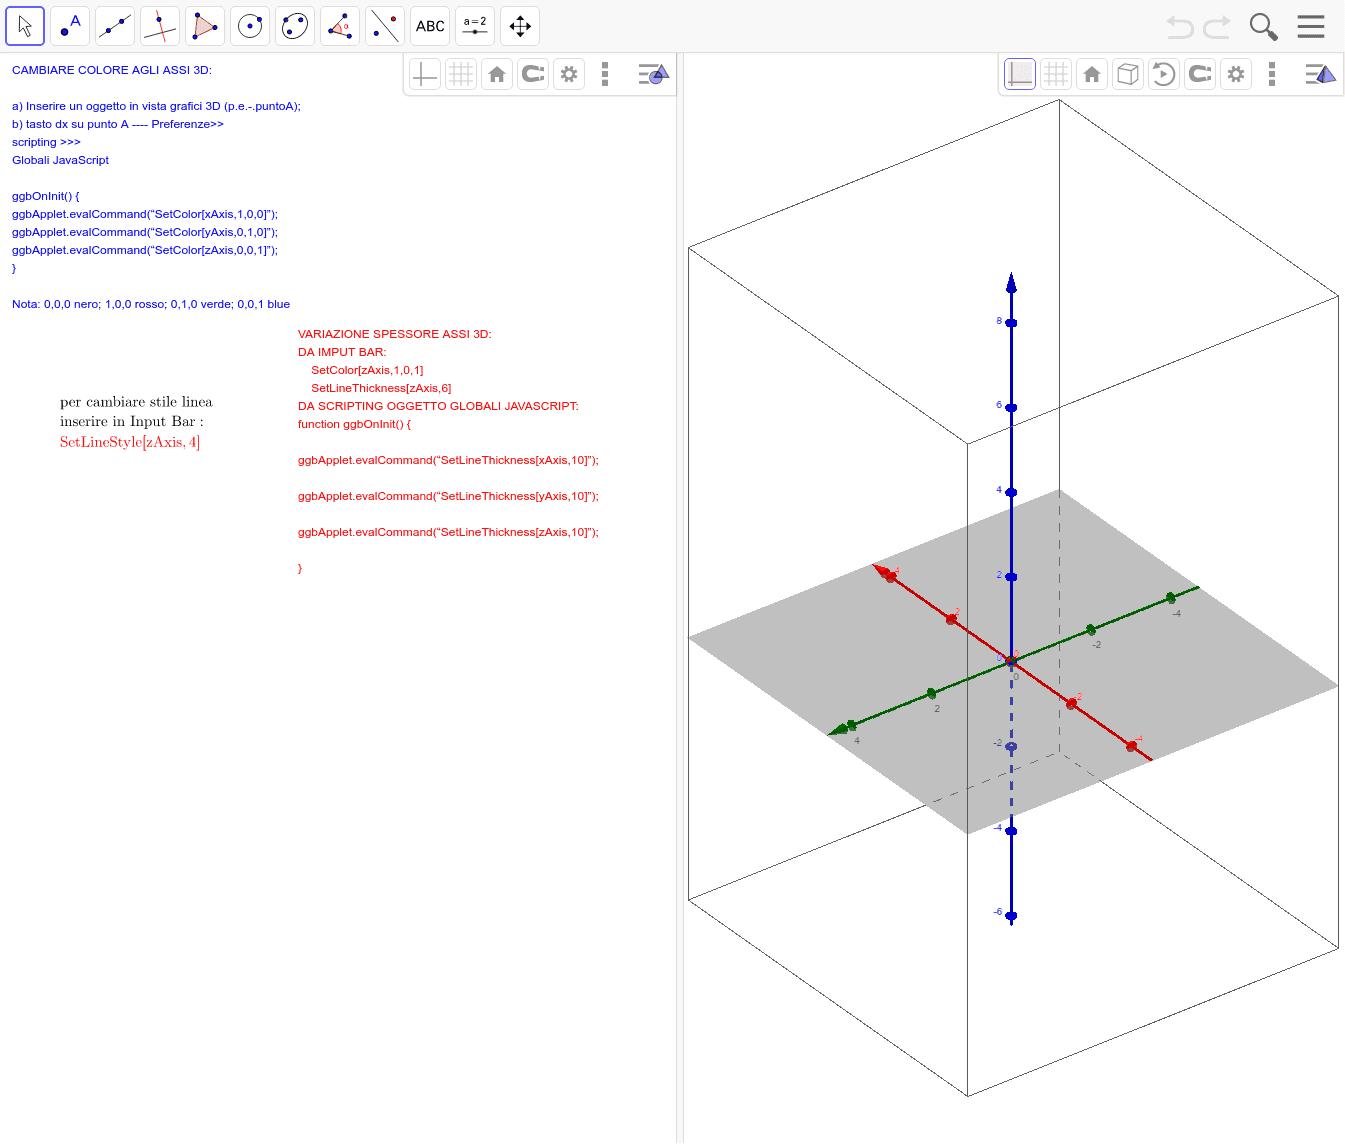 Lo stile degli assi non è visibile in ggbtube. Funziona perfettamente sul PC. Premi Invio per avviare l'attività